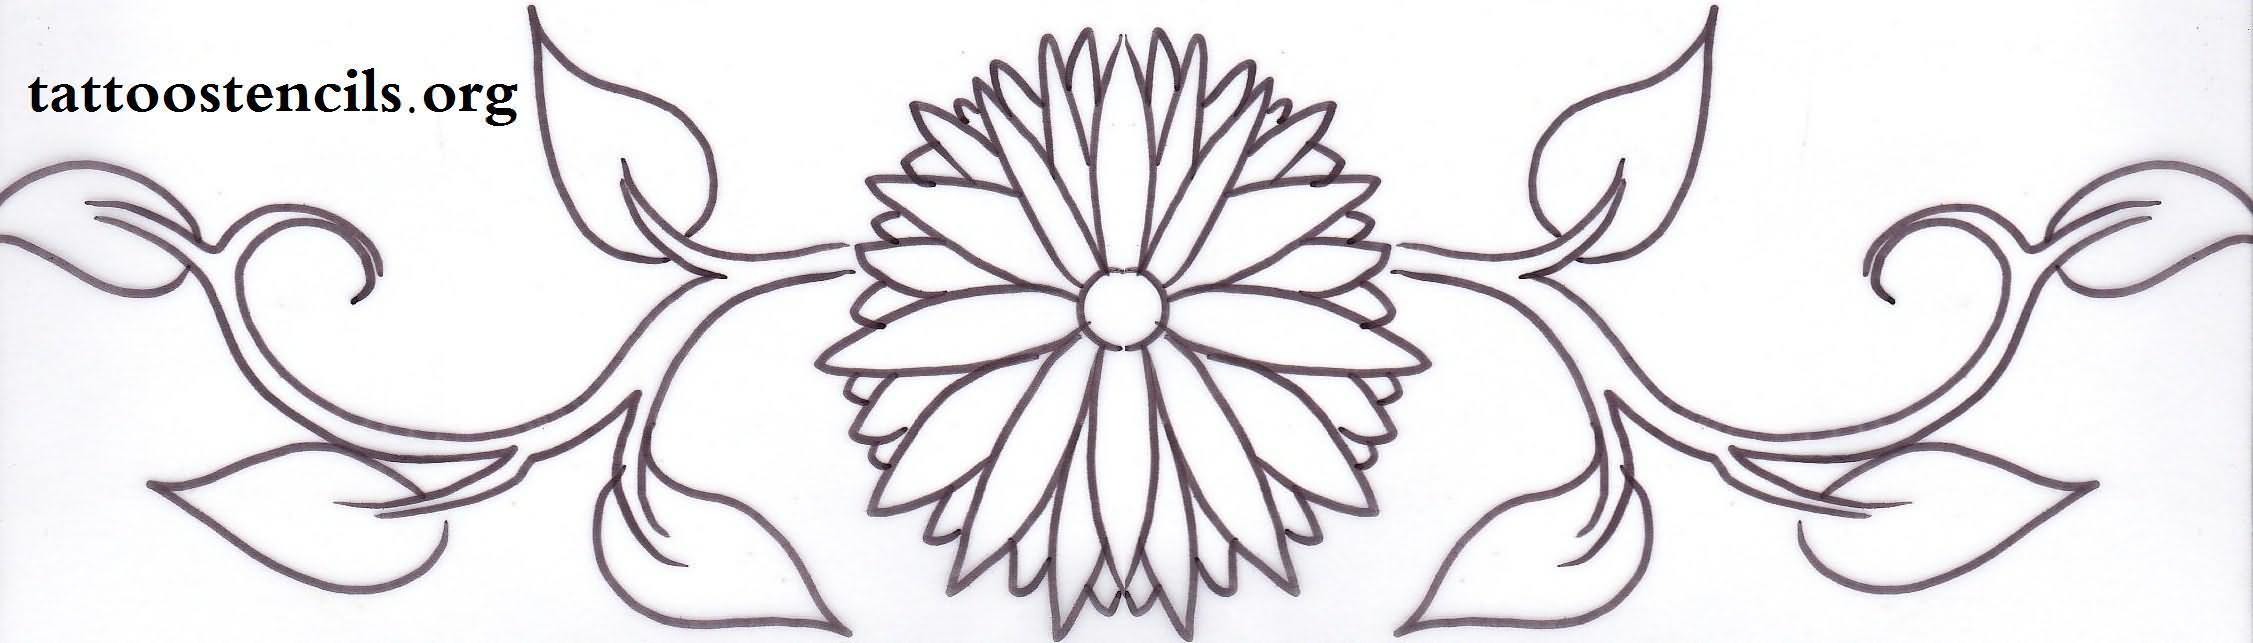 Daisy Tattoo Stencil